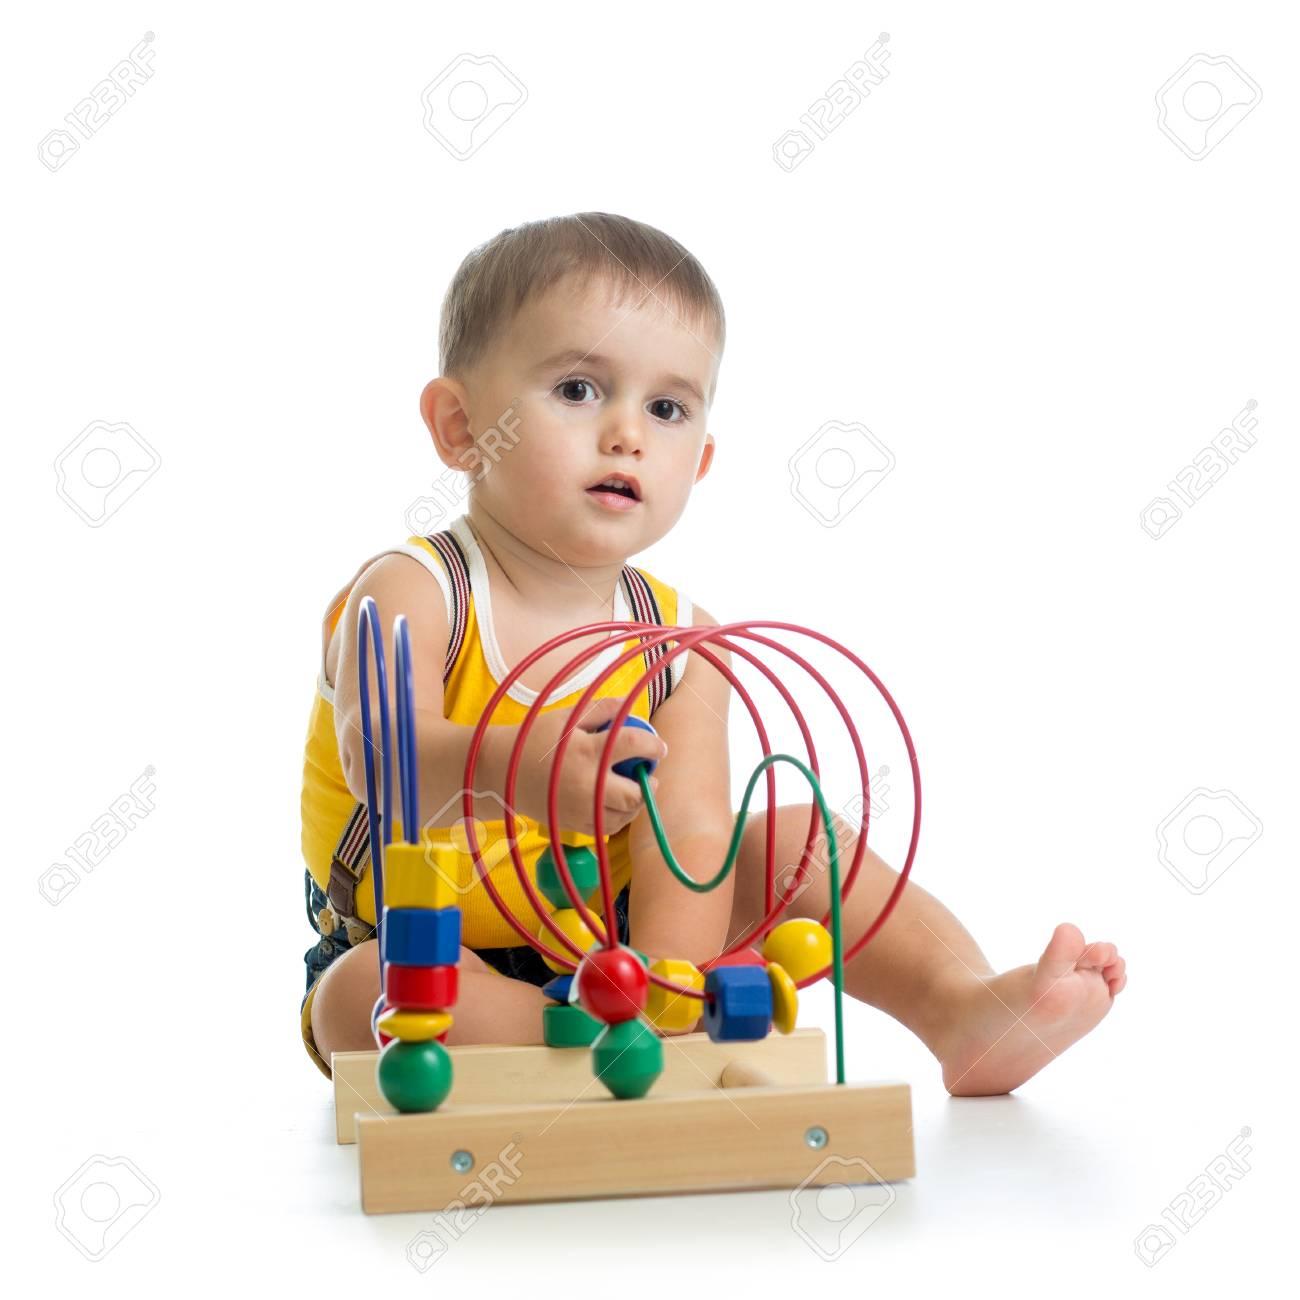 Pretty boy using toy